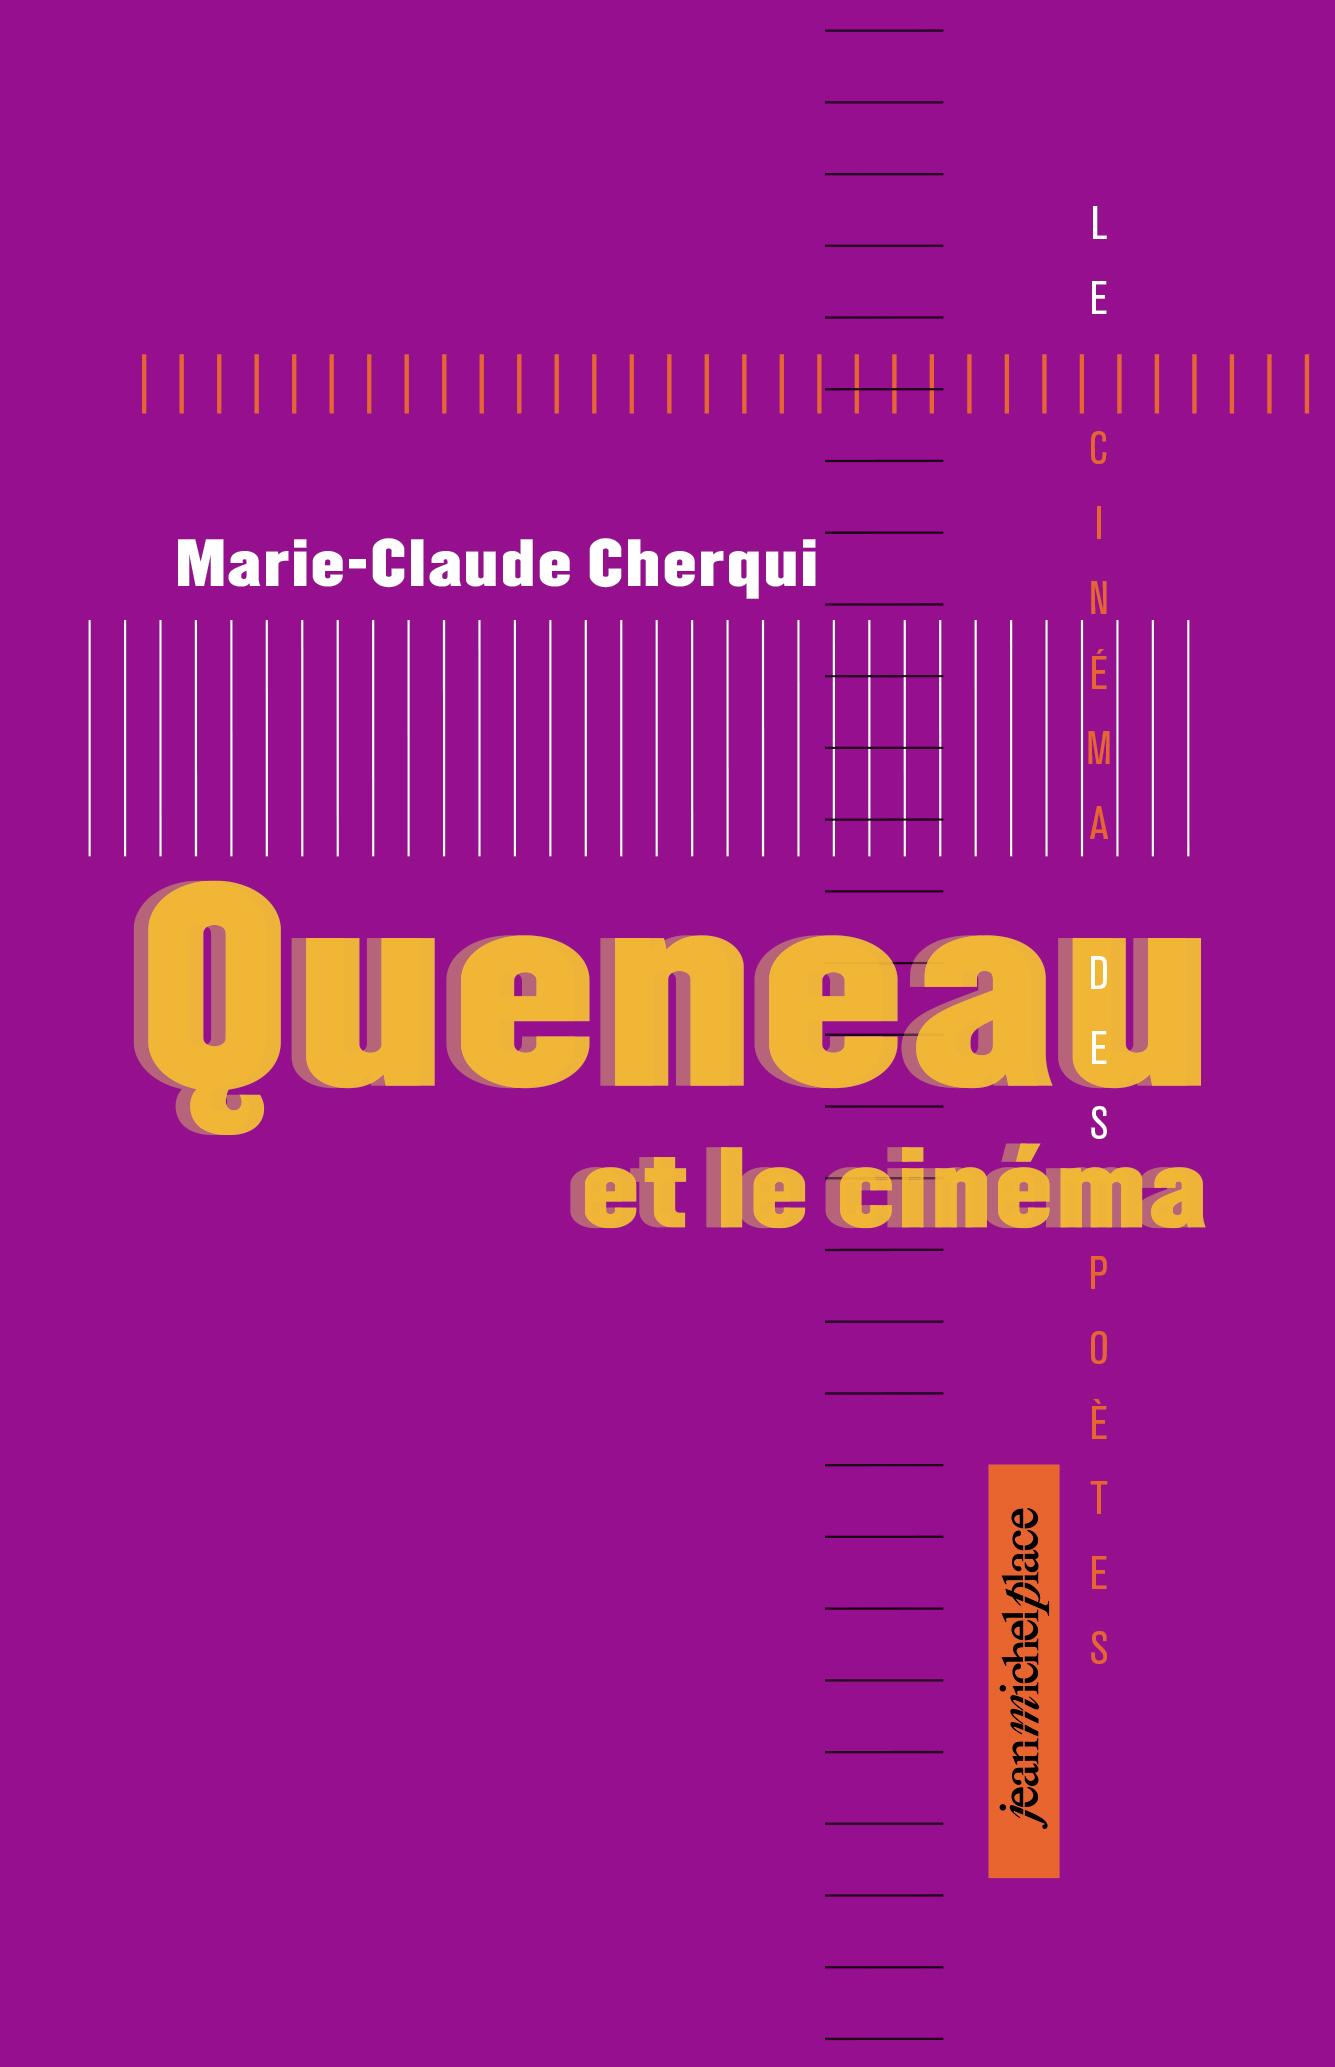 Queneau et le cinéma Collection « Le cinéma des poètes » Les nouvelles éditions Jean-Michel Place